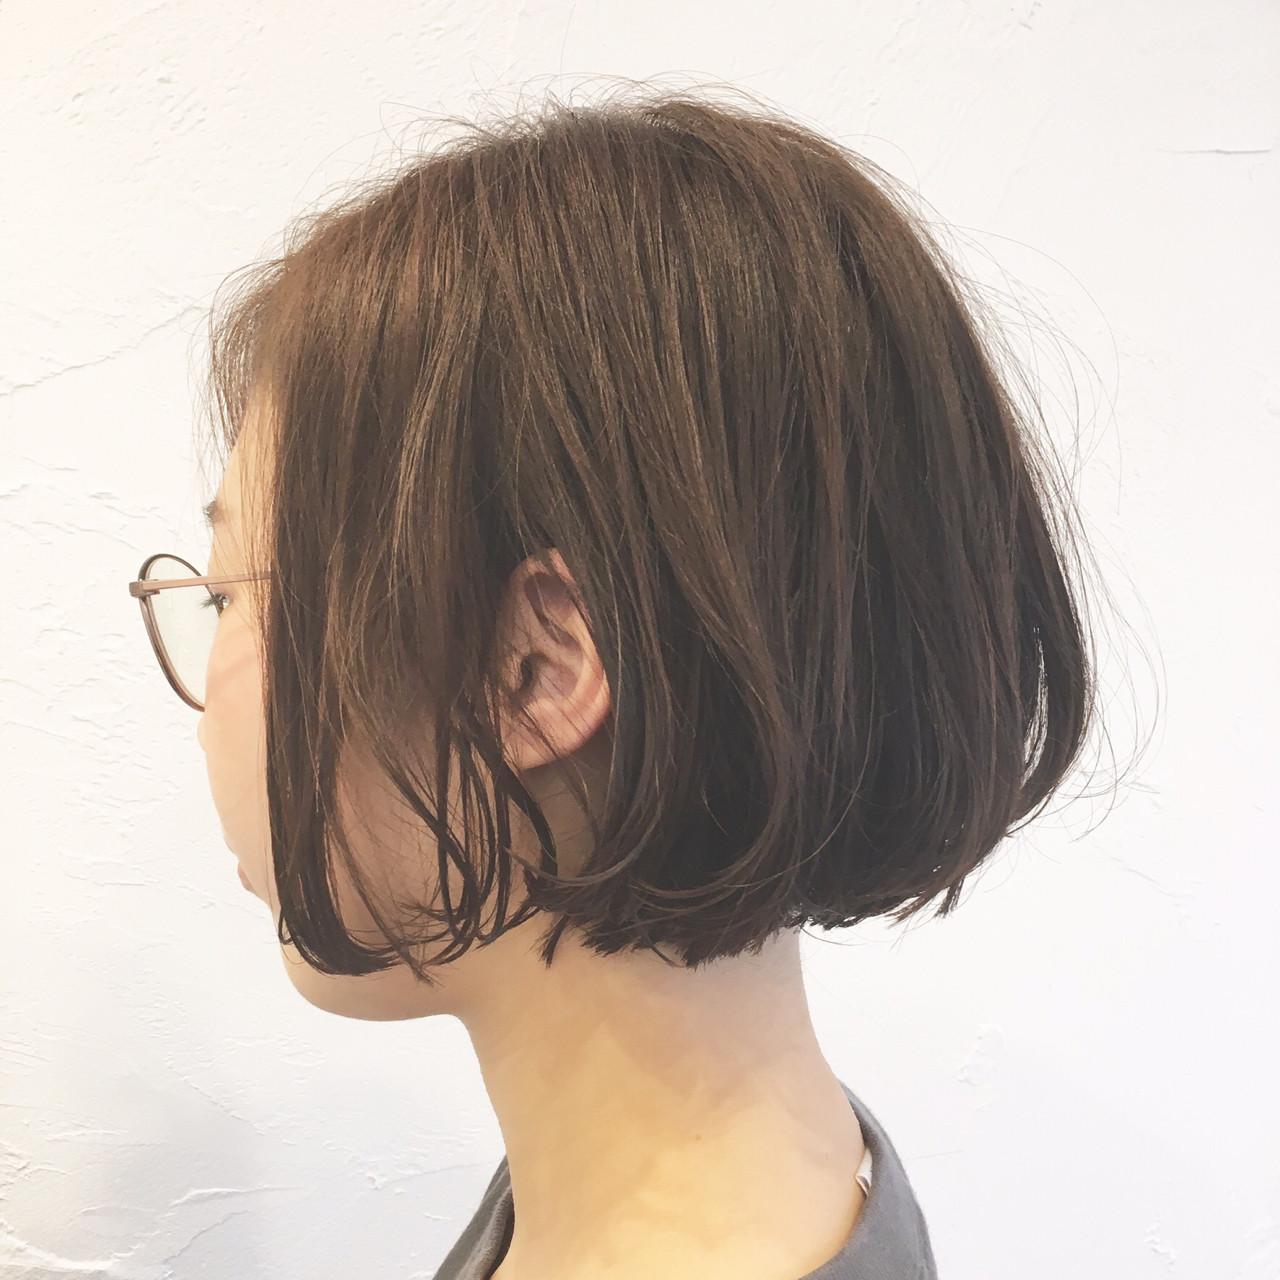 くせ毛風 ボブ 小顔 アンニュイ ヘアスタイルや髪型の写真・画像